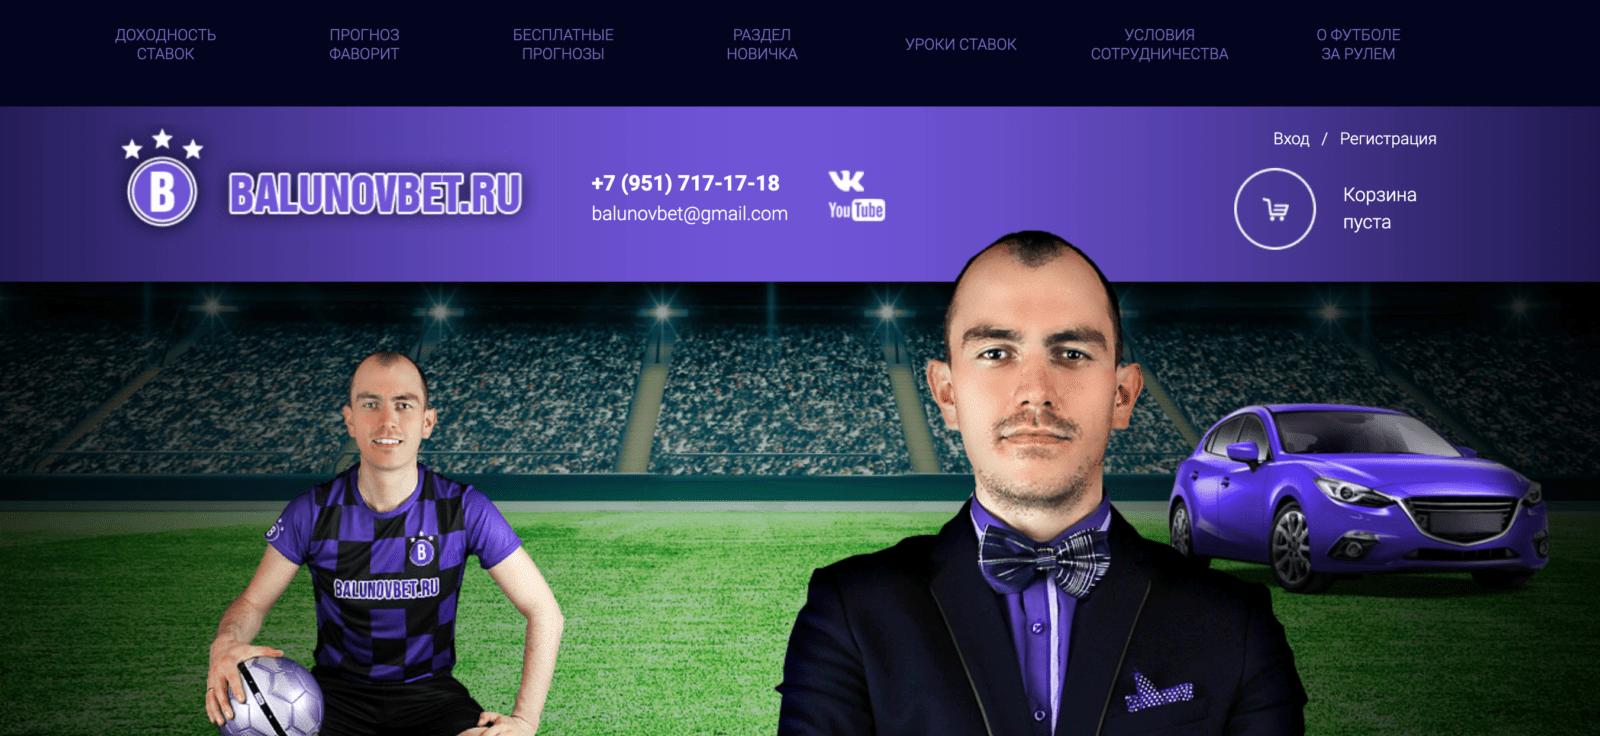 Главная страница сайта Дениса Балунова Balunovbet ru